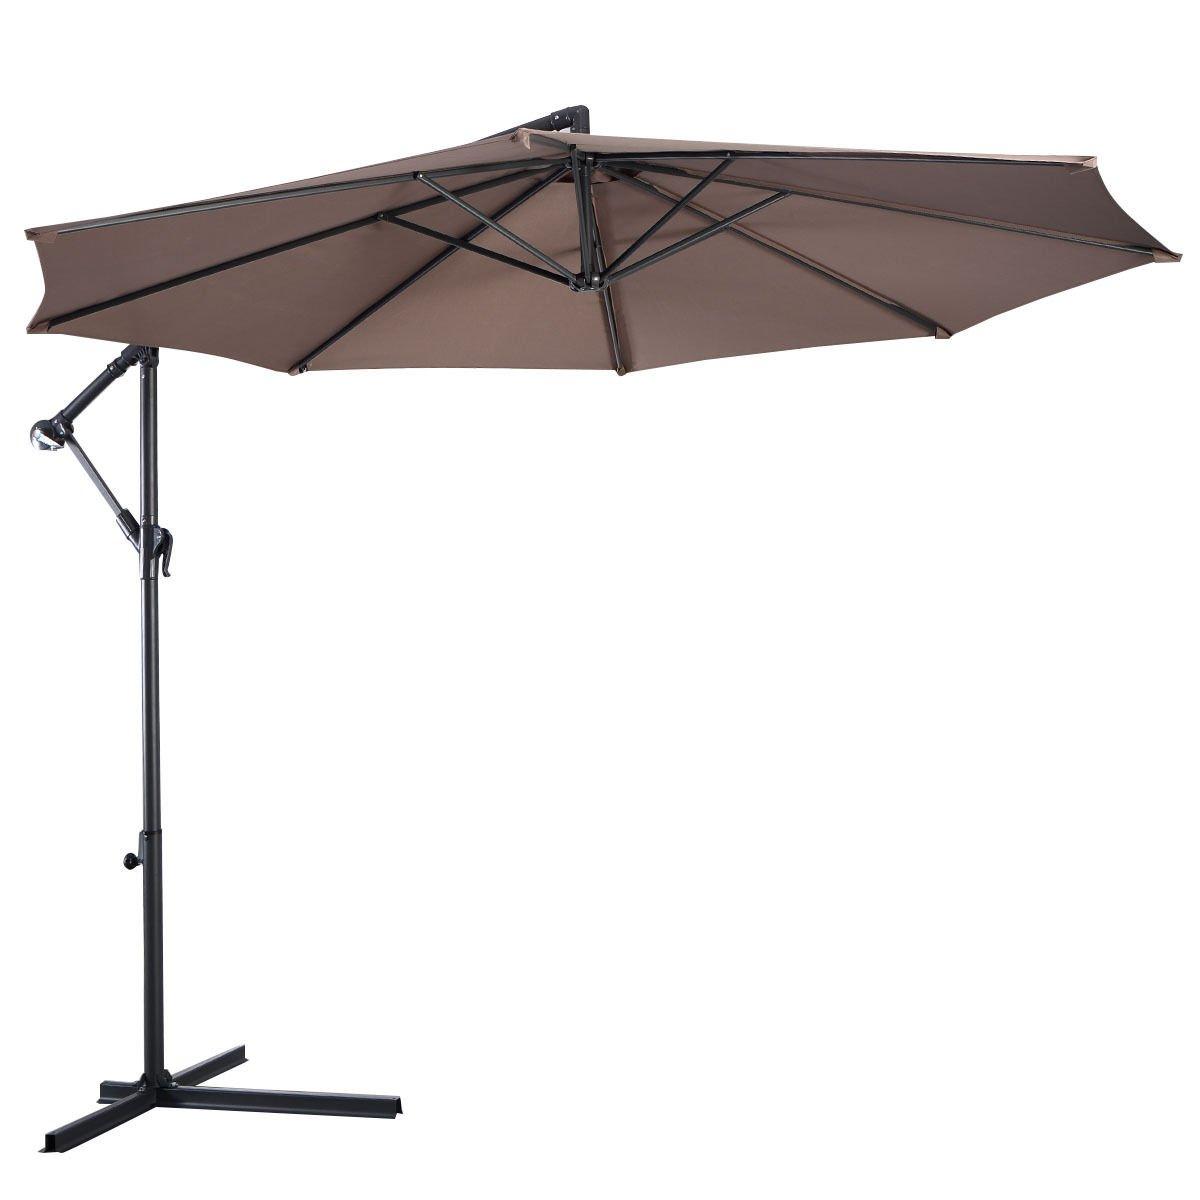 Amazon.com : Giantex 10' Hanging Umbrella Patio Sun Shade Offset Outdoor  Market W/t Cross Base (Tan) : Garden & Outdoor